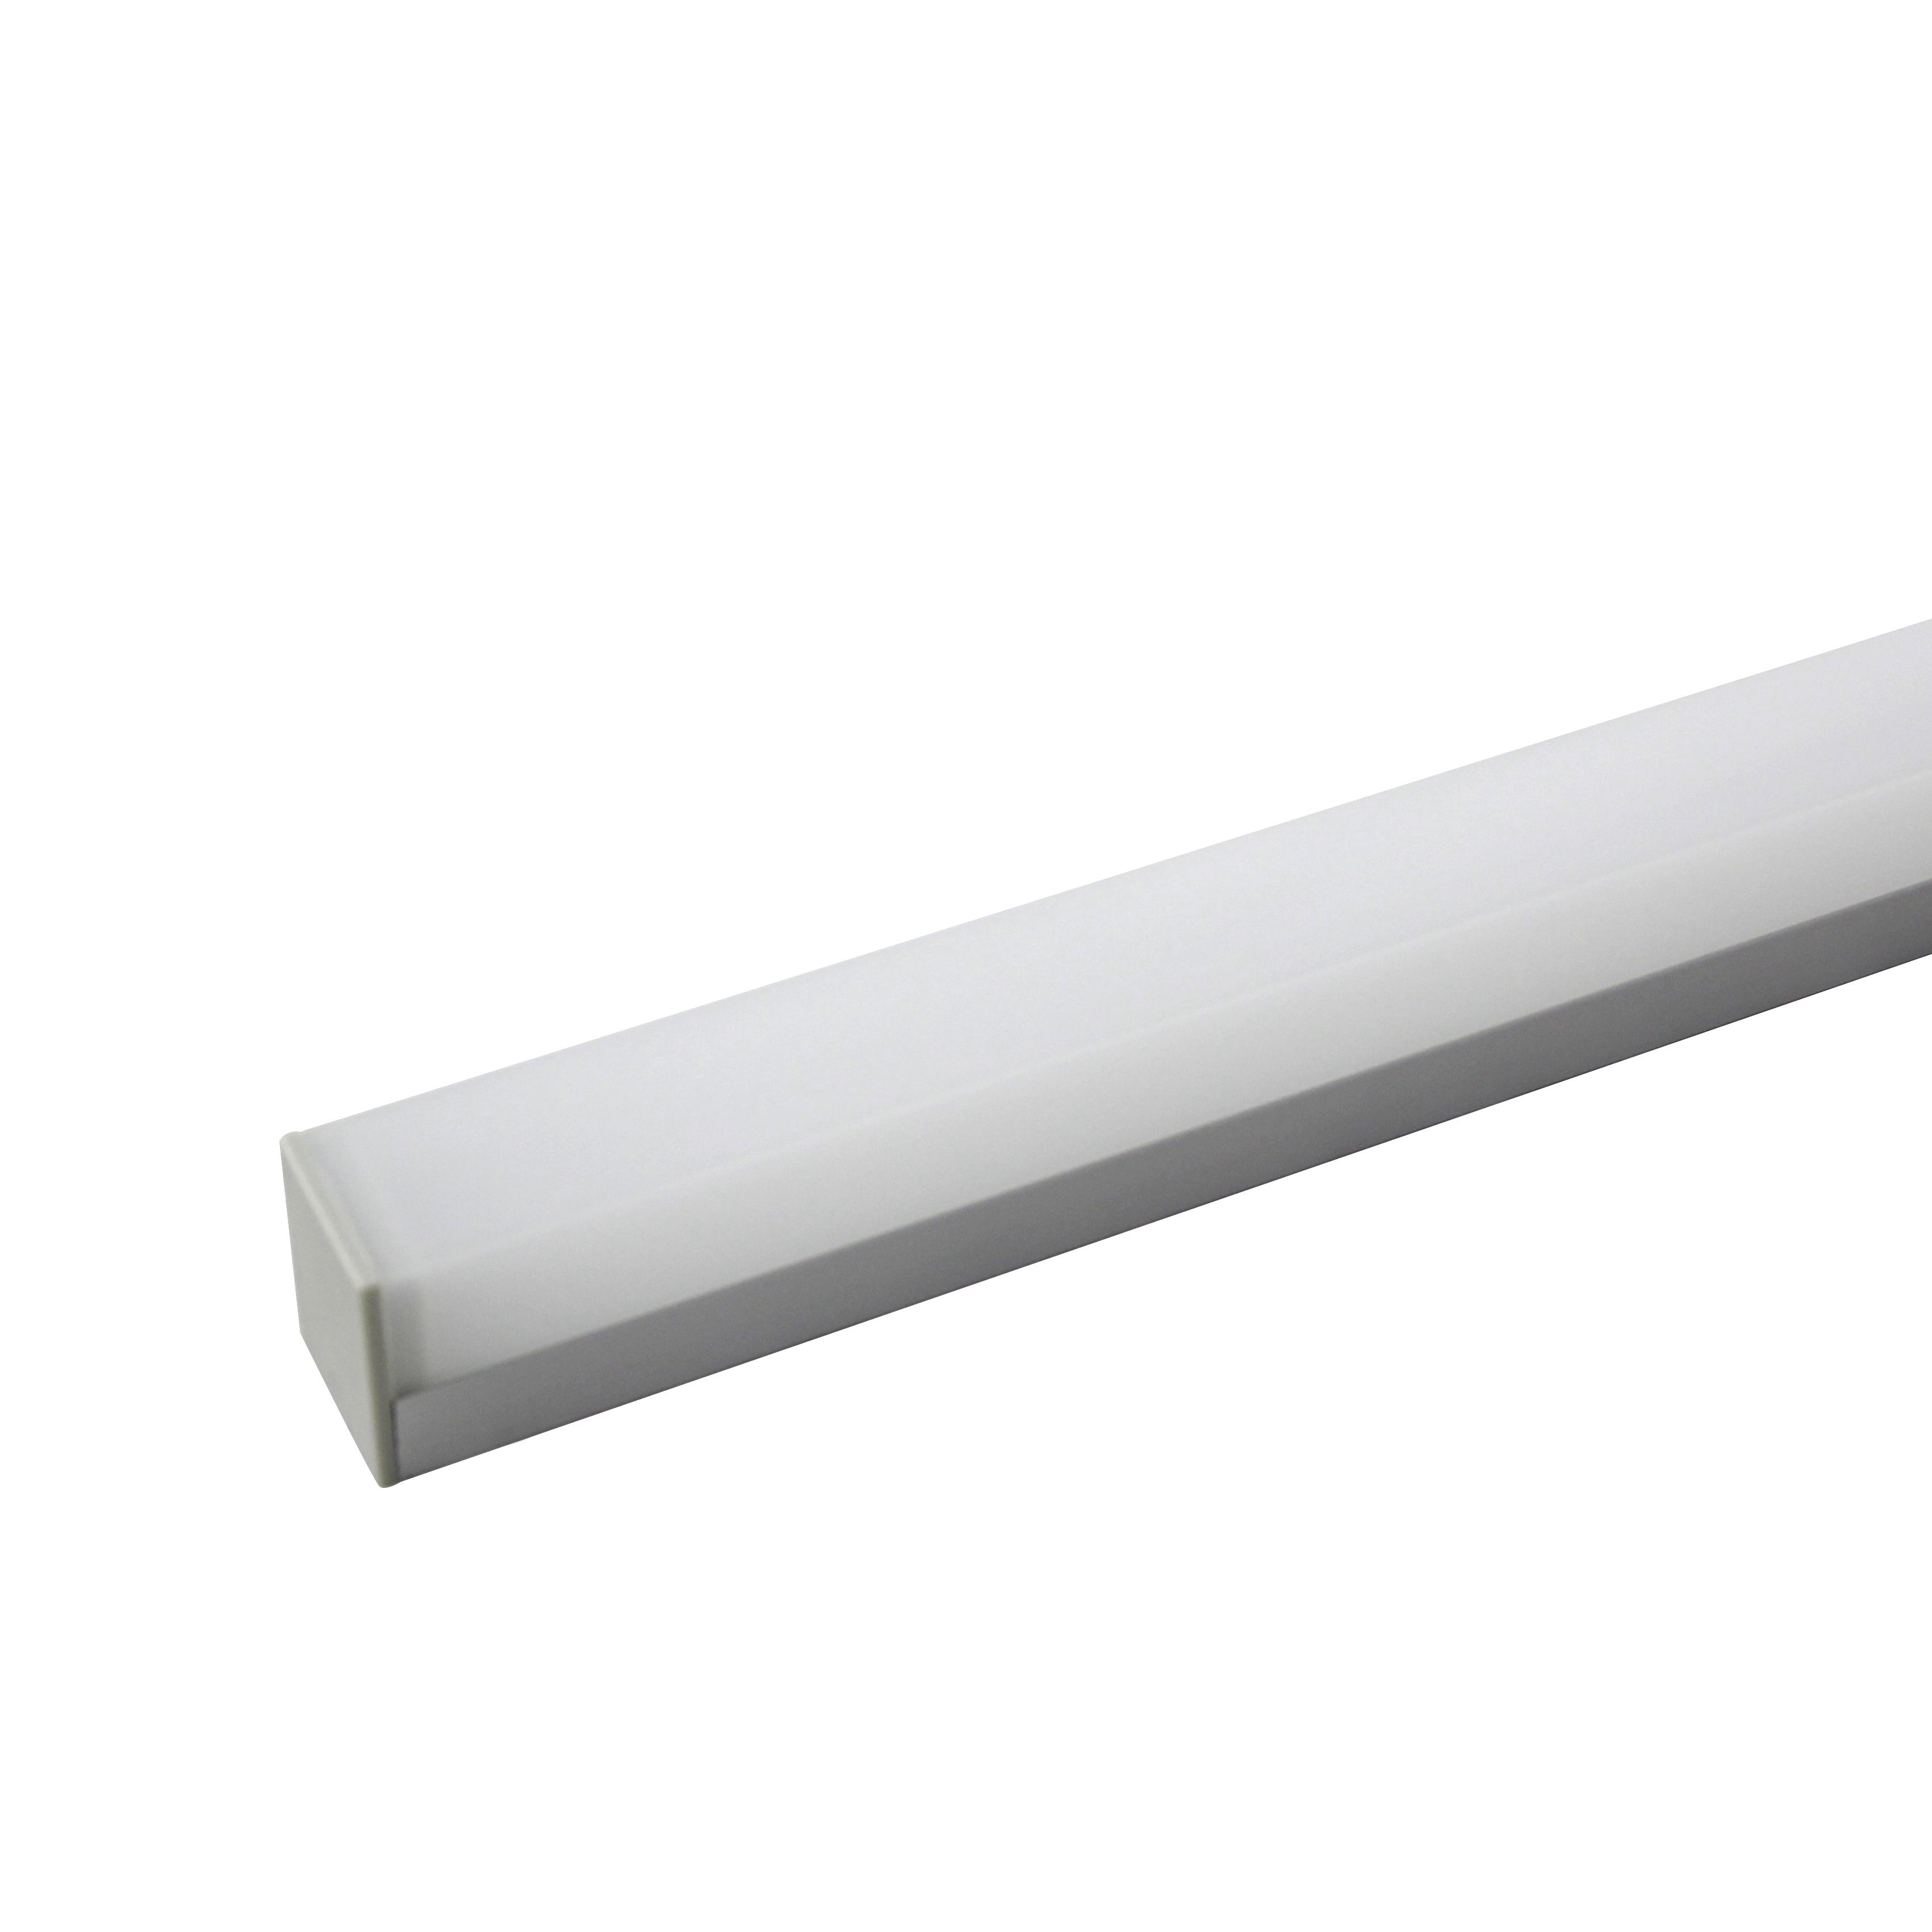 led light diffuser in Light Bulbs | eBay : 2018 hockey gear